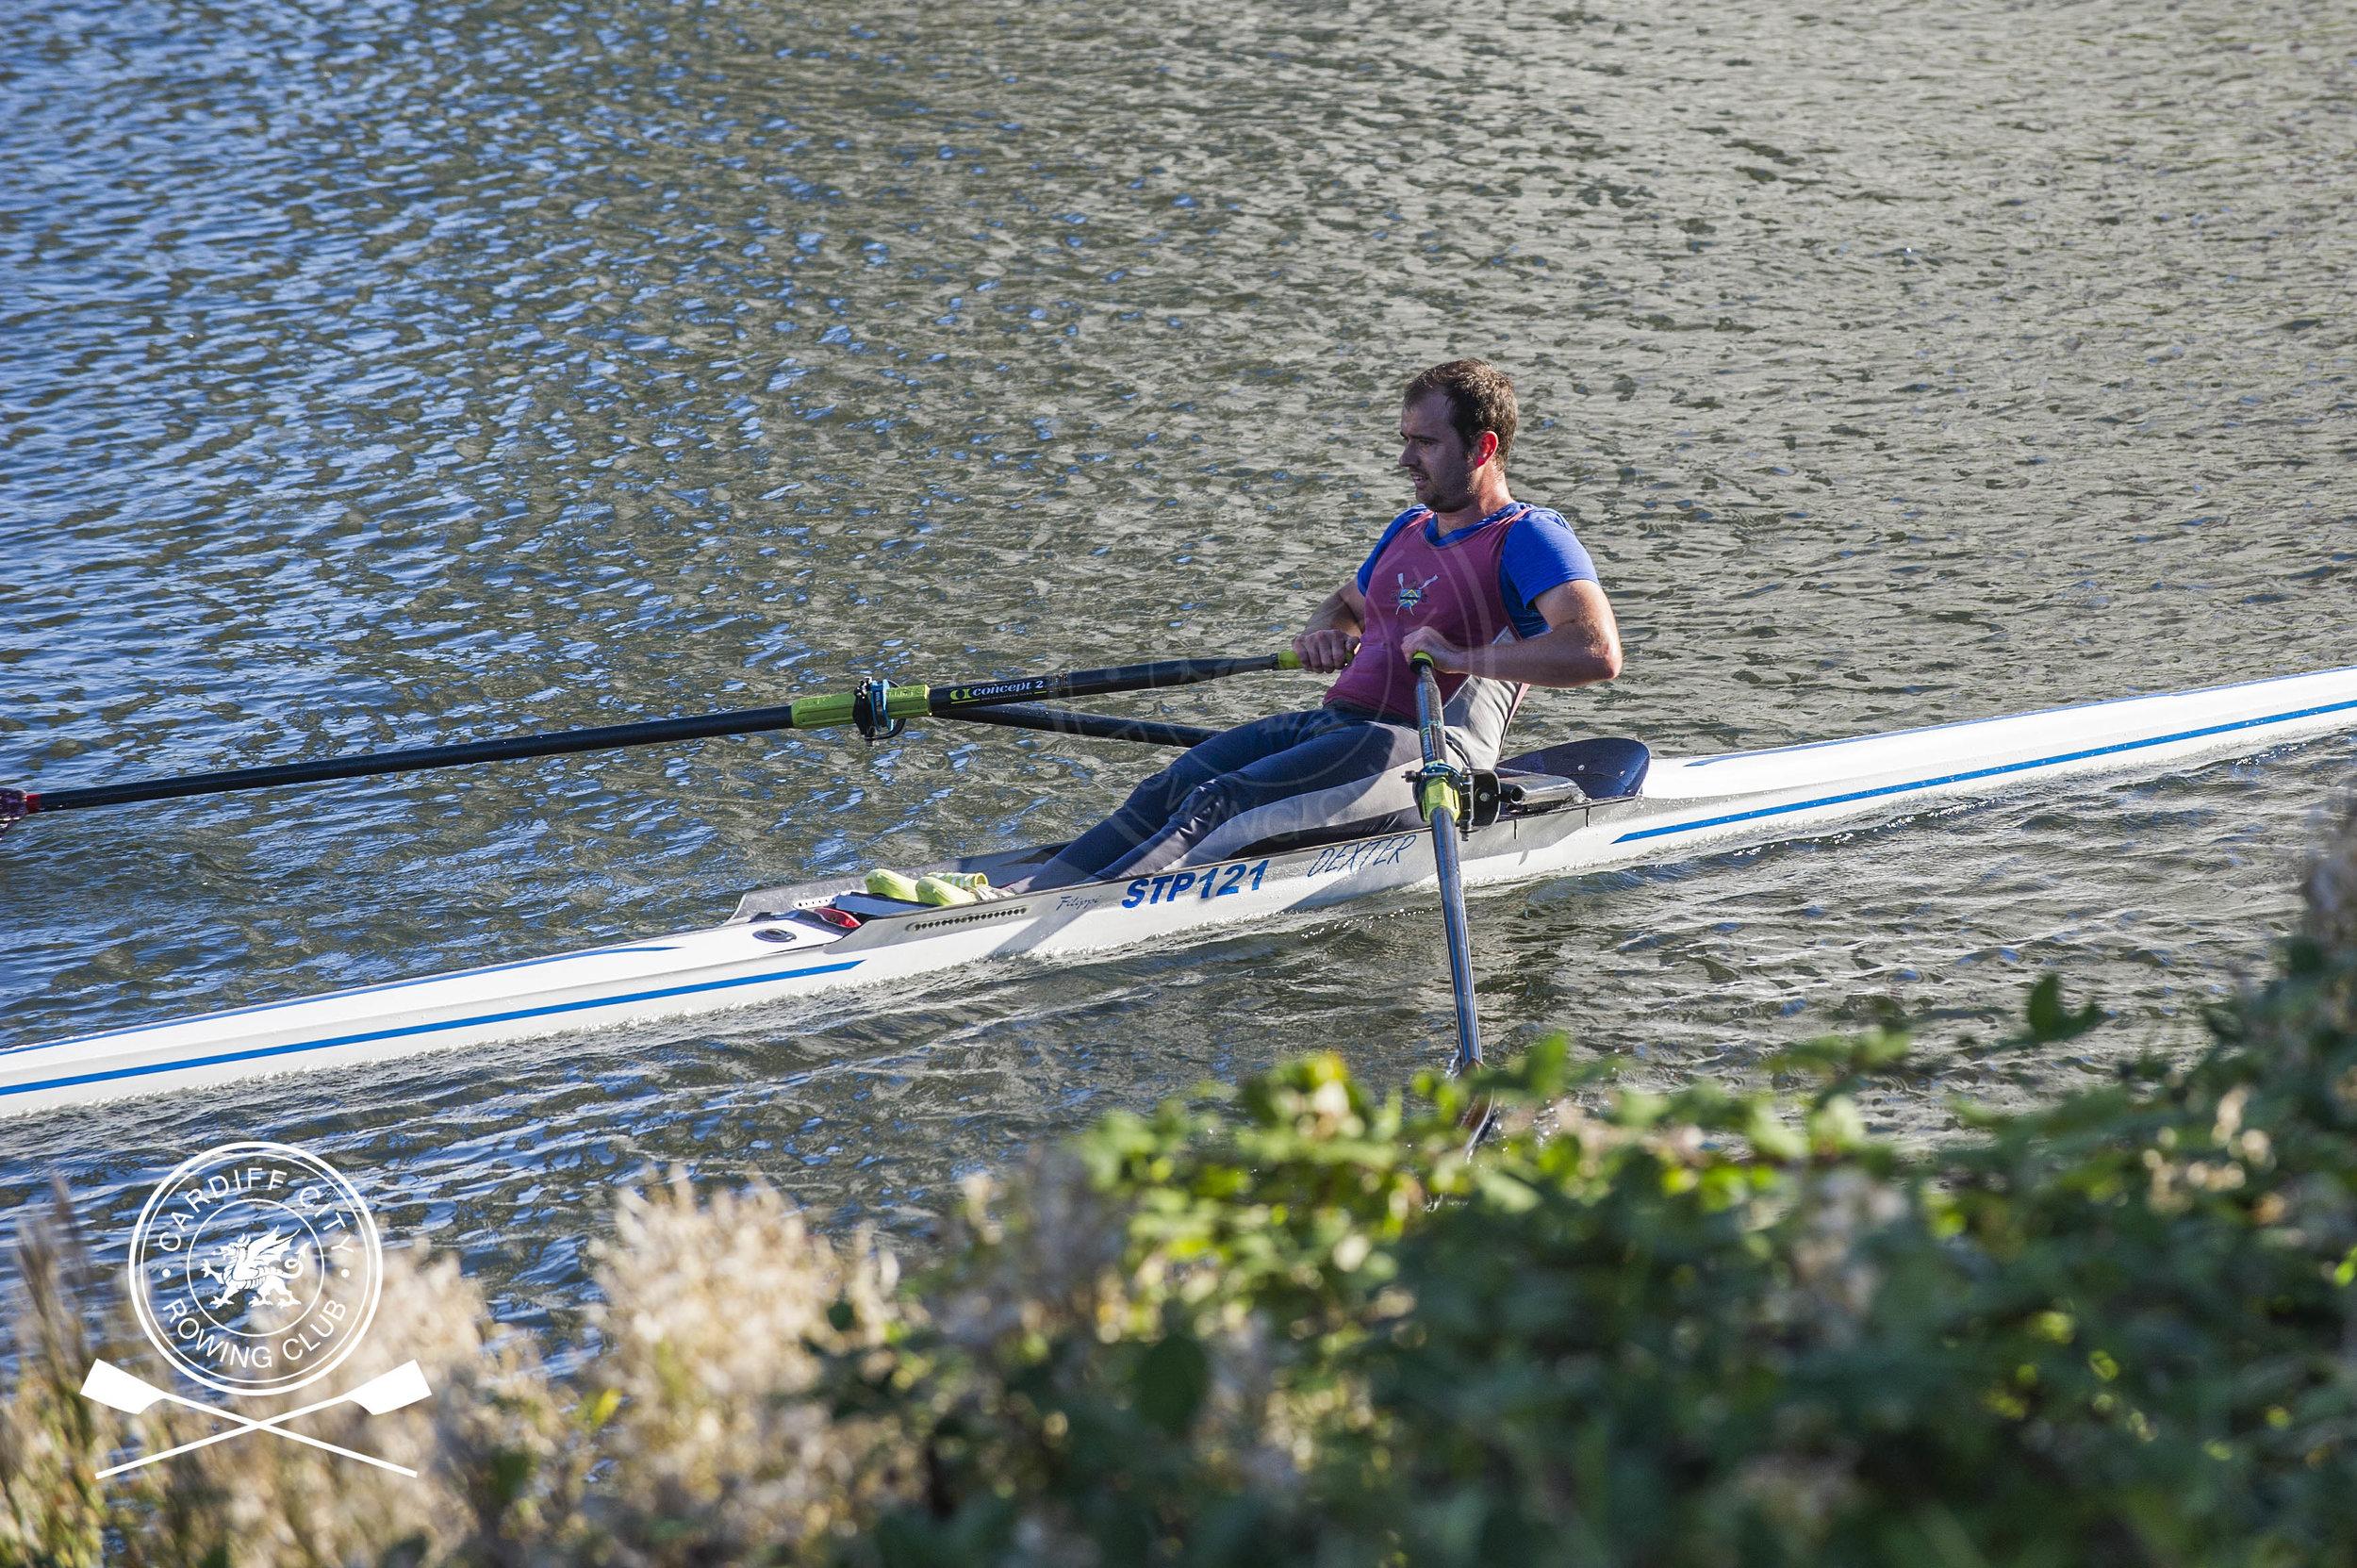 Cardiff_City_Head_Race_50.jpg